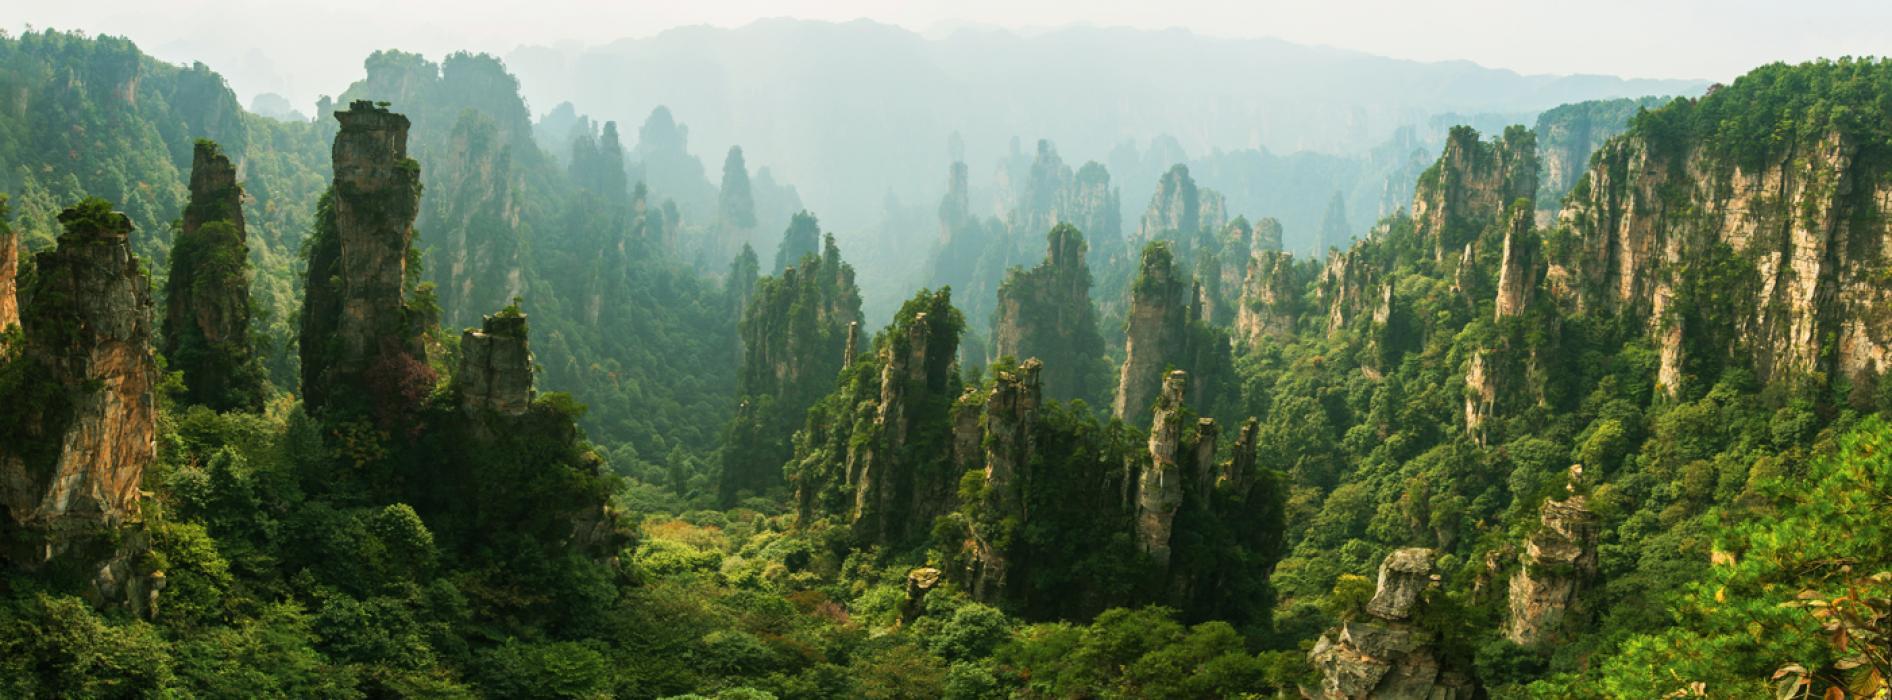 tianzishan wulingyuan zhangjiajie.jpg